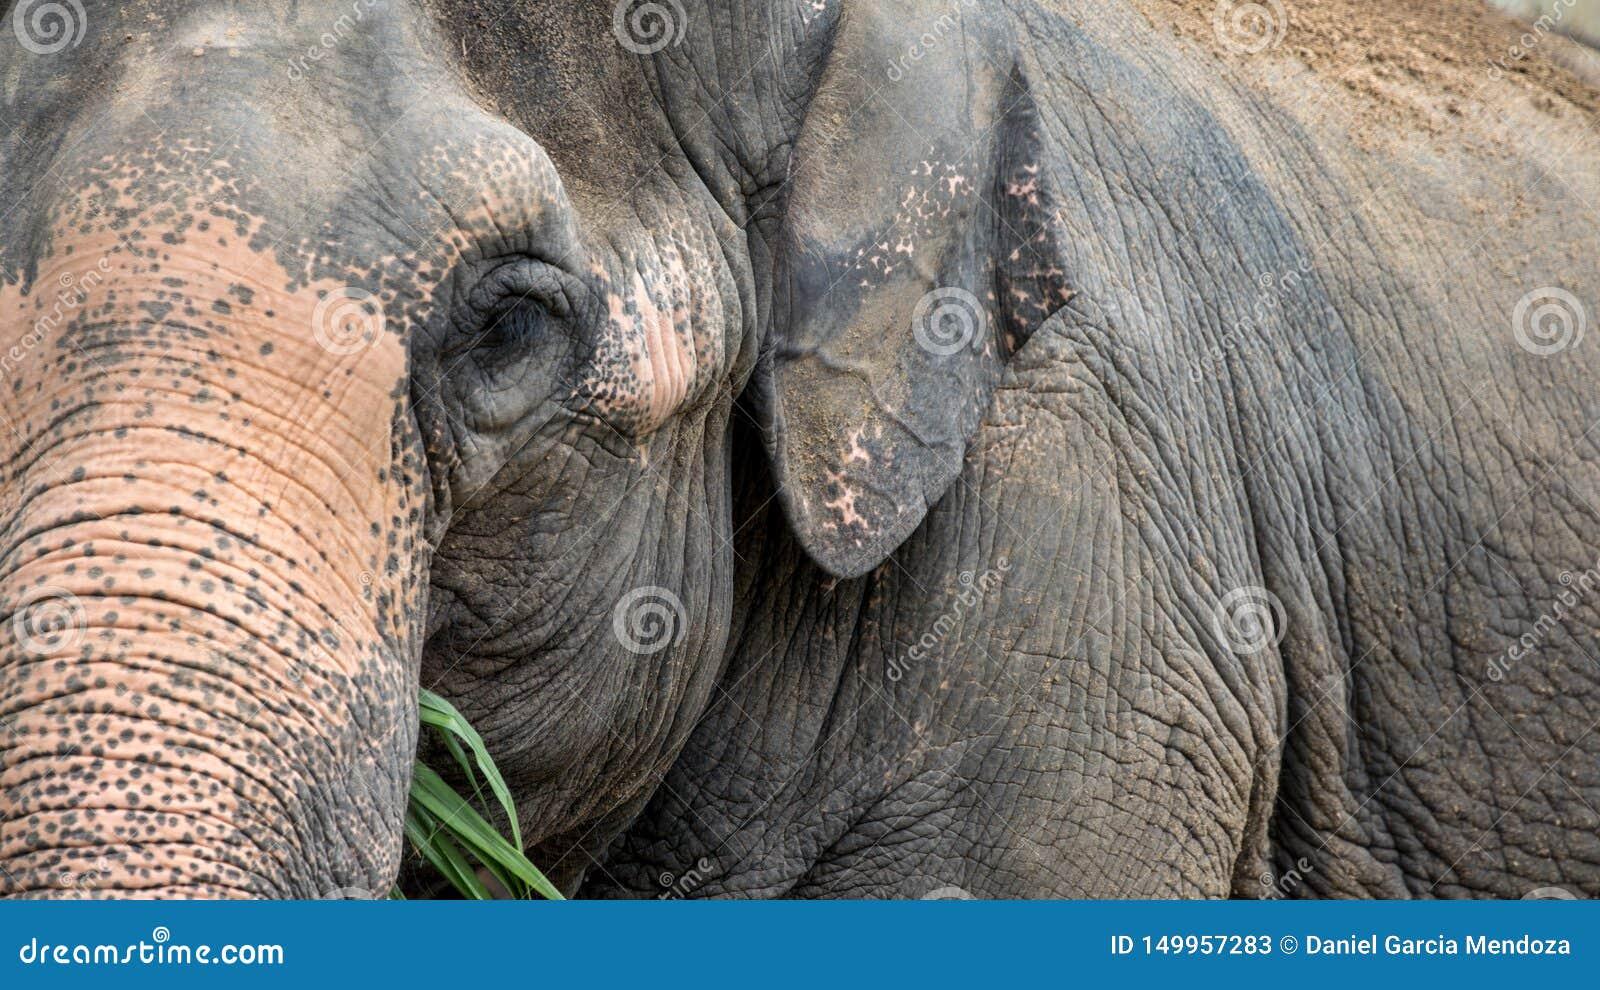 没有象牙的大象吃着草 关闭亚洲大象吃光